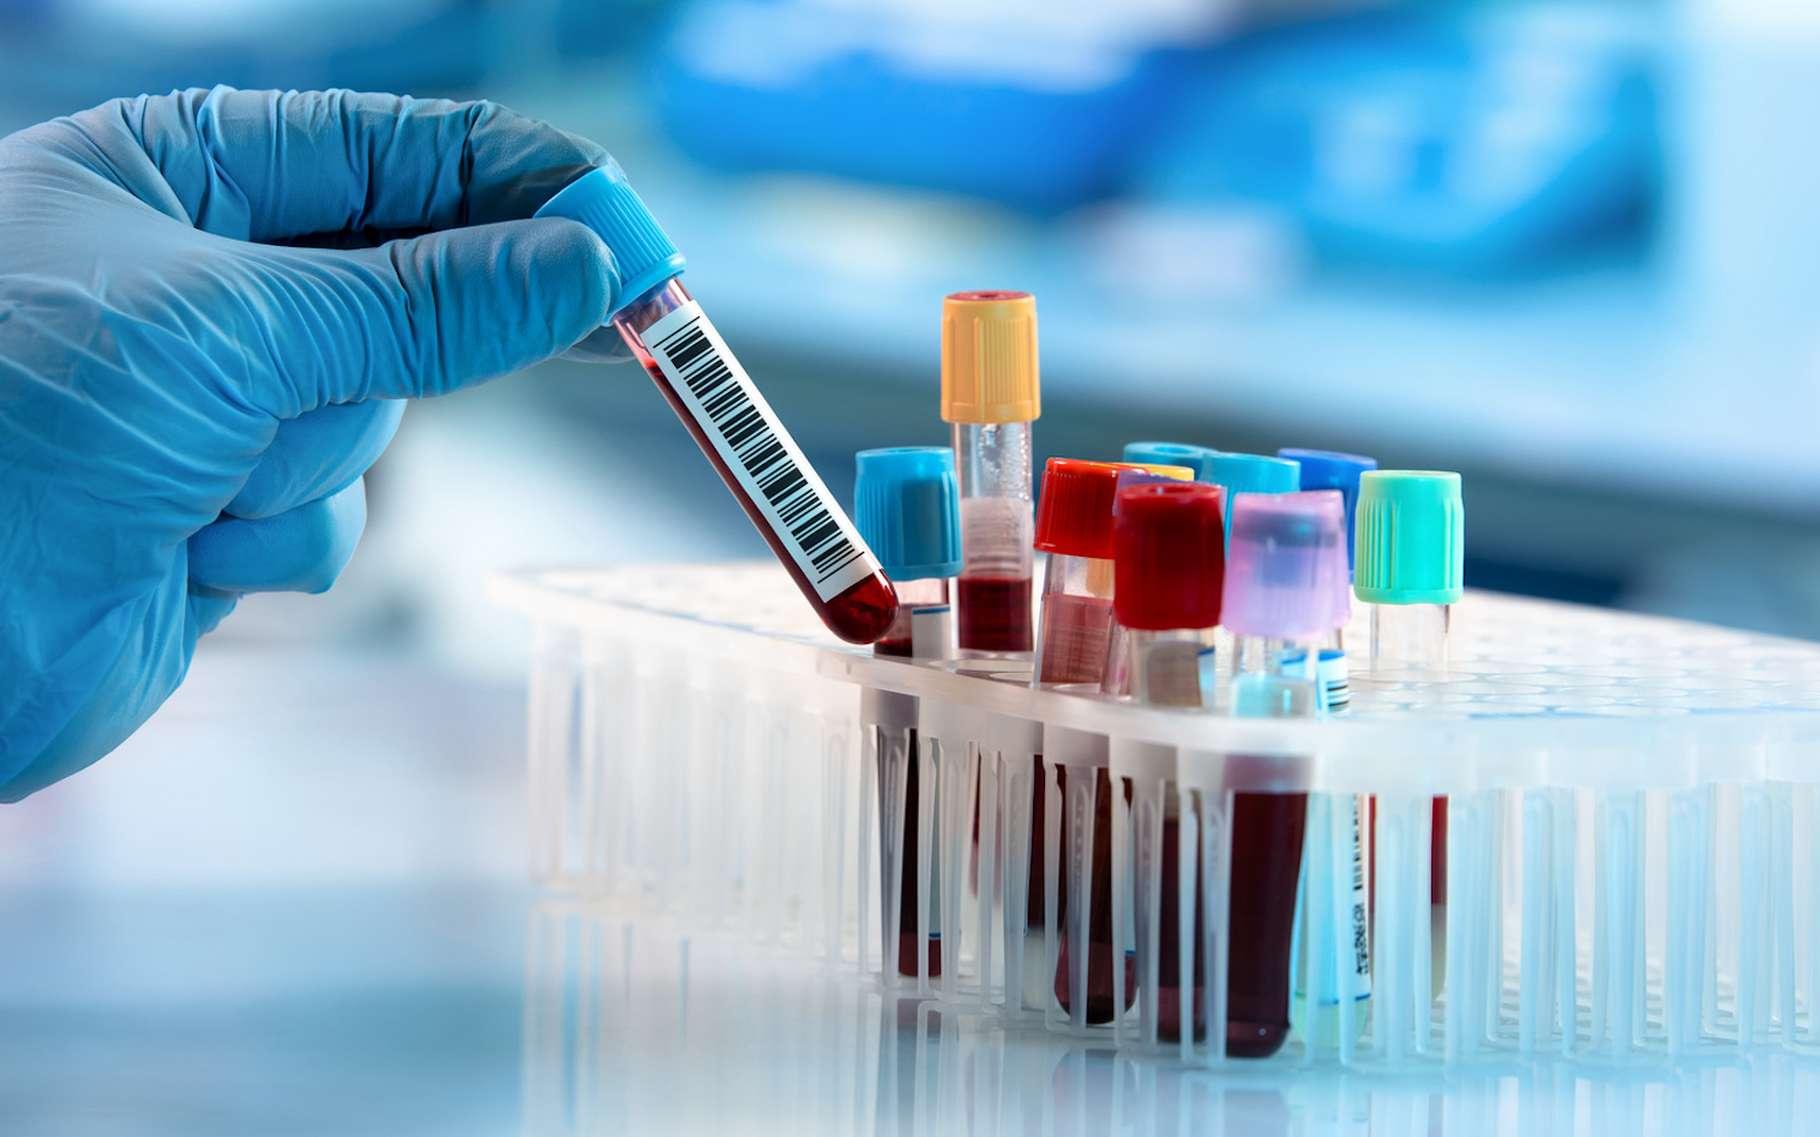 Grâce aux travaux de chercheurs de l'université de Washington (États-Unis), le rêve d'un test sanguin permettant de dépister la maladie d'Alzheimer jusqu'à 20 ans avant que les premiers symptômes se déclarent pourrait bientôt devenir réalité. © angellodeco, Fotolia